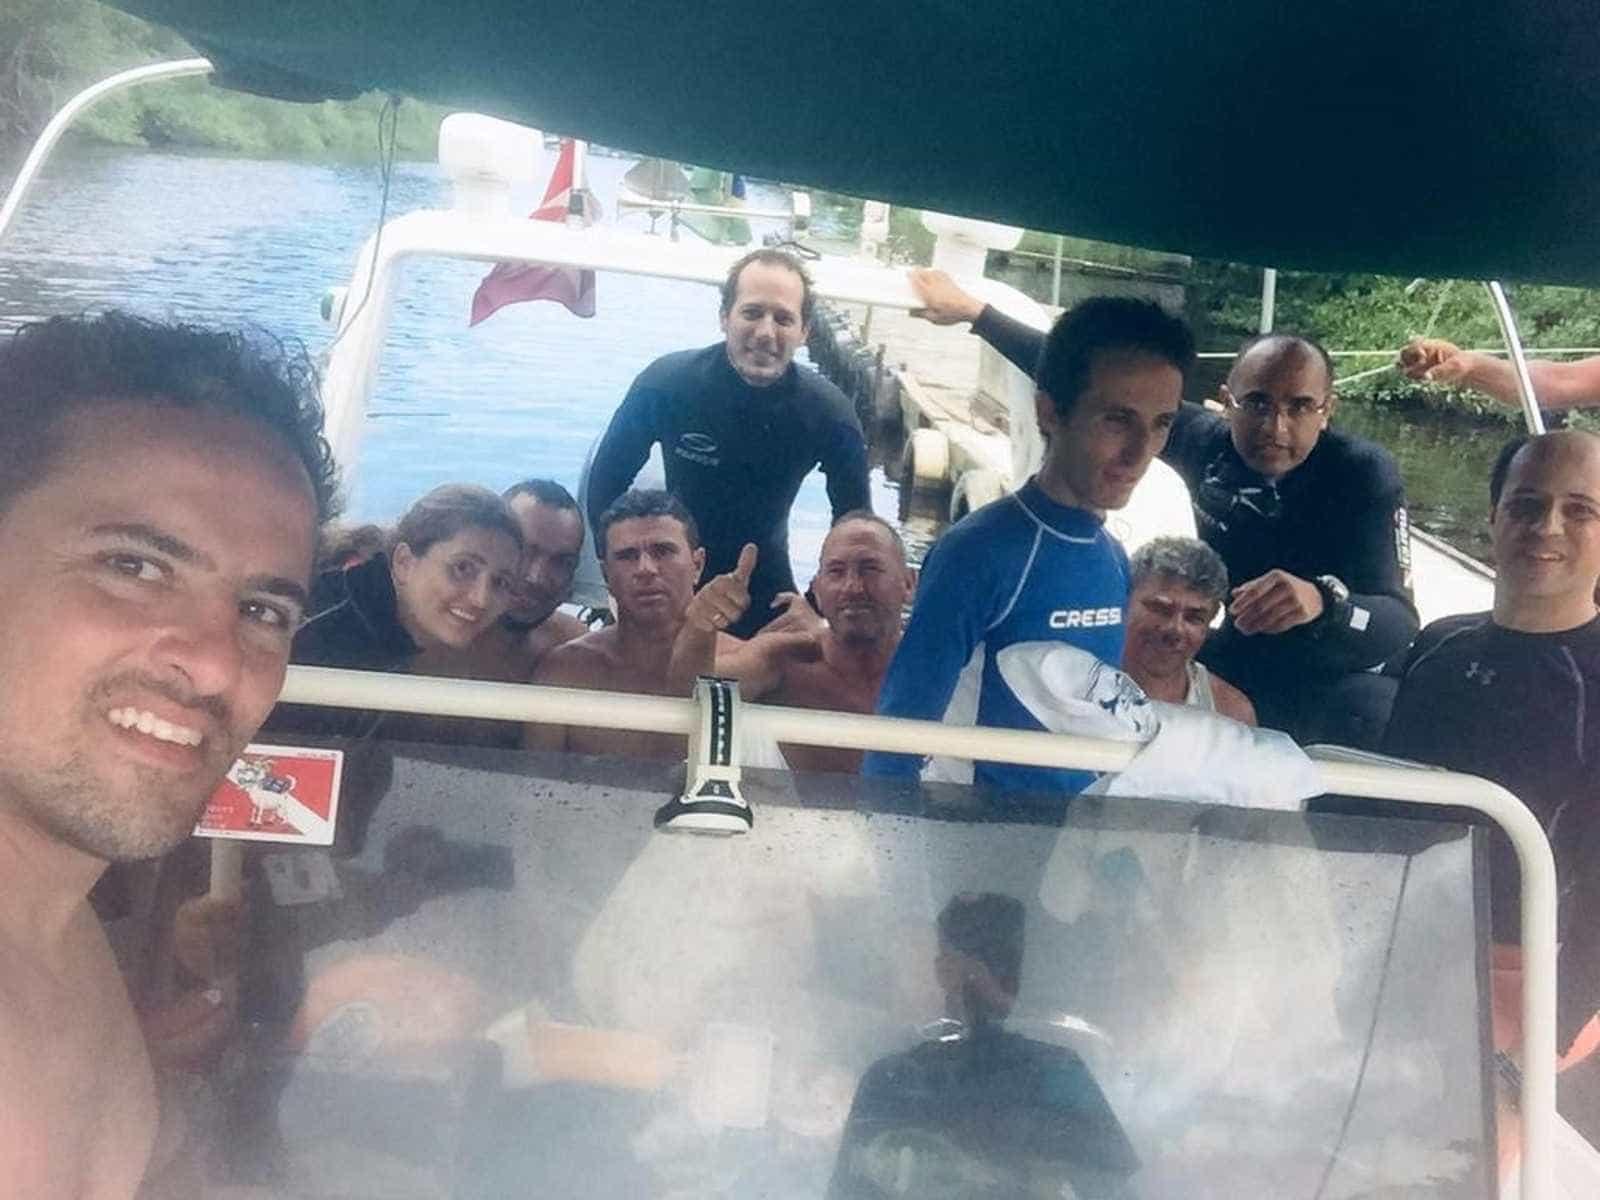 Pescadores encontrados em ilha três dias após naufrágio